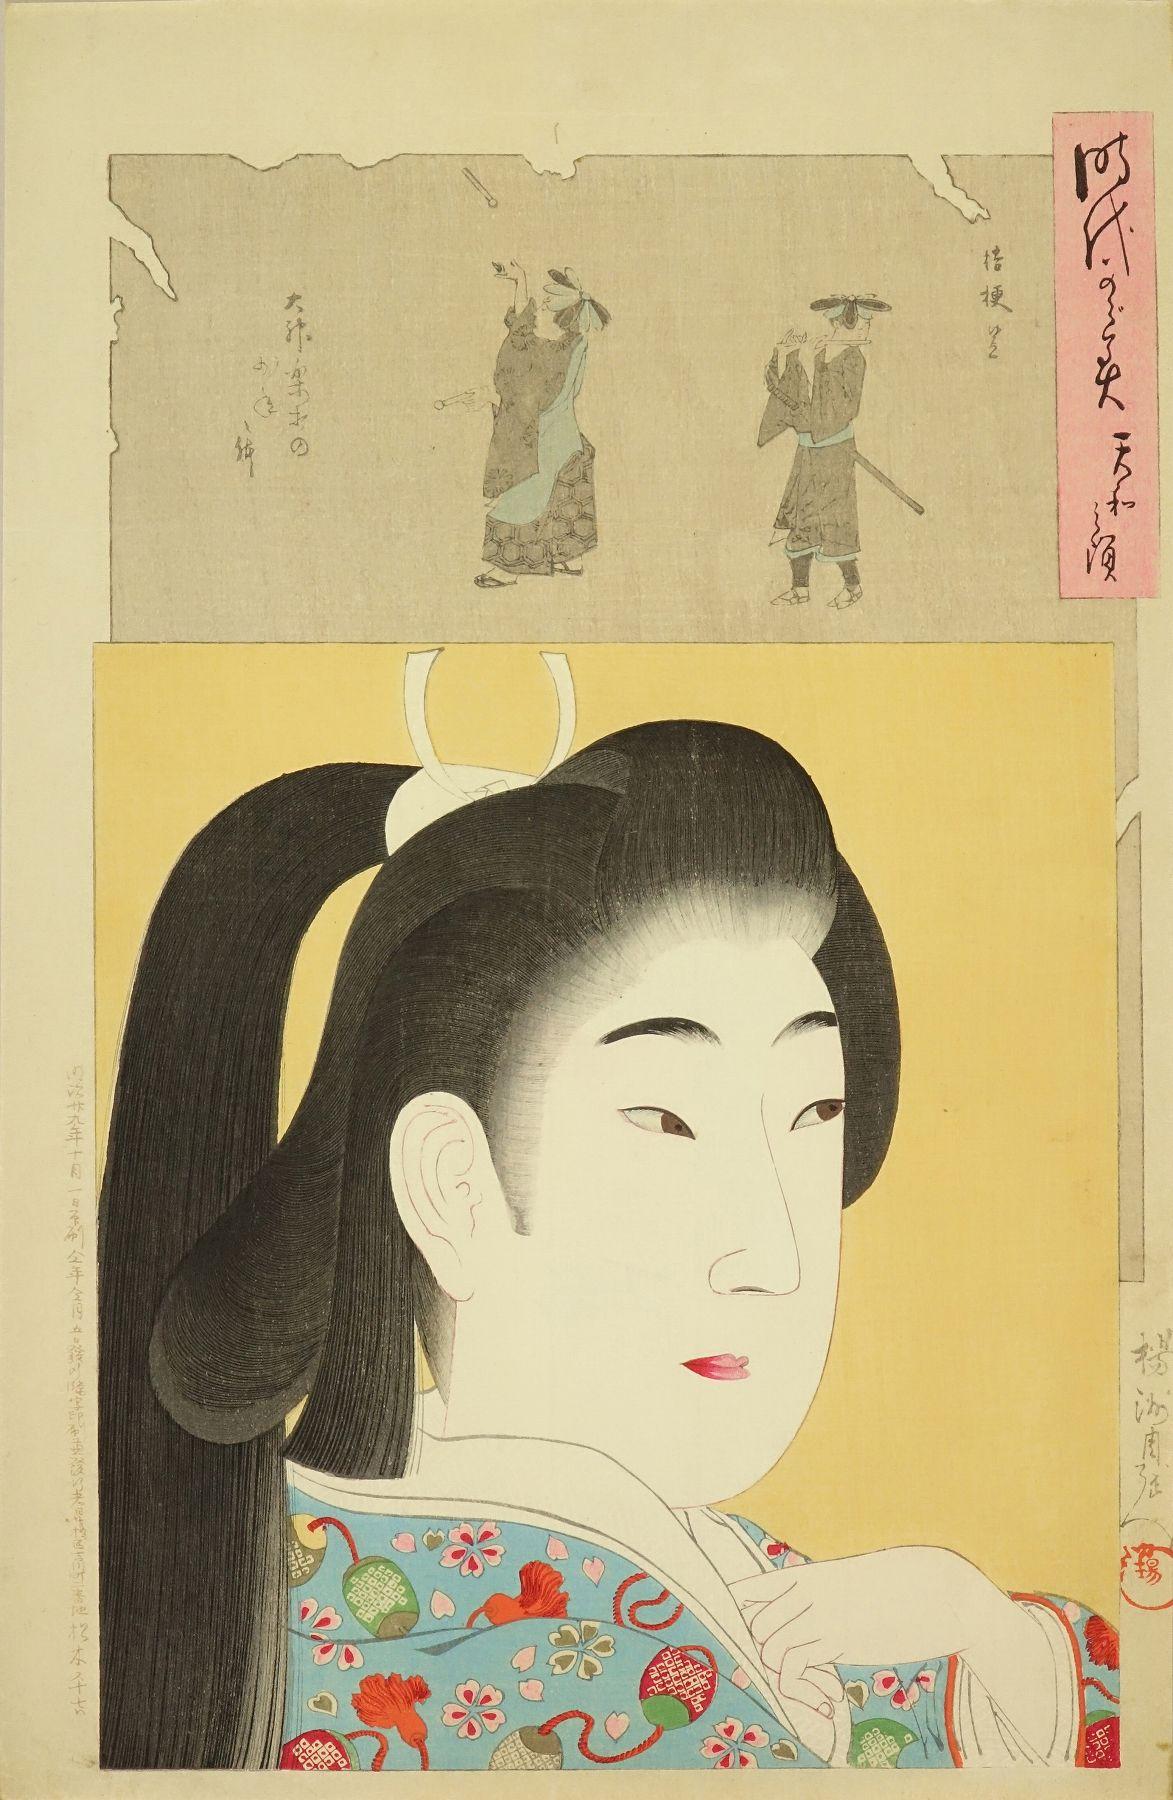 CHIKANOBU Ten'na Era, from <i>Jidai kagami</i> (Mirror reflecting the age)